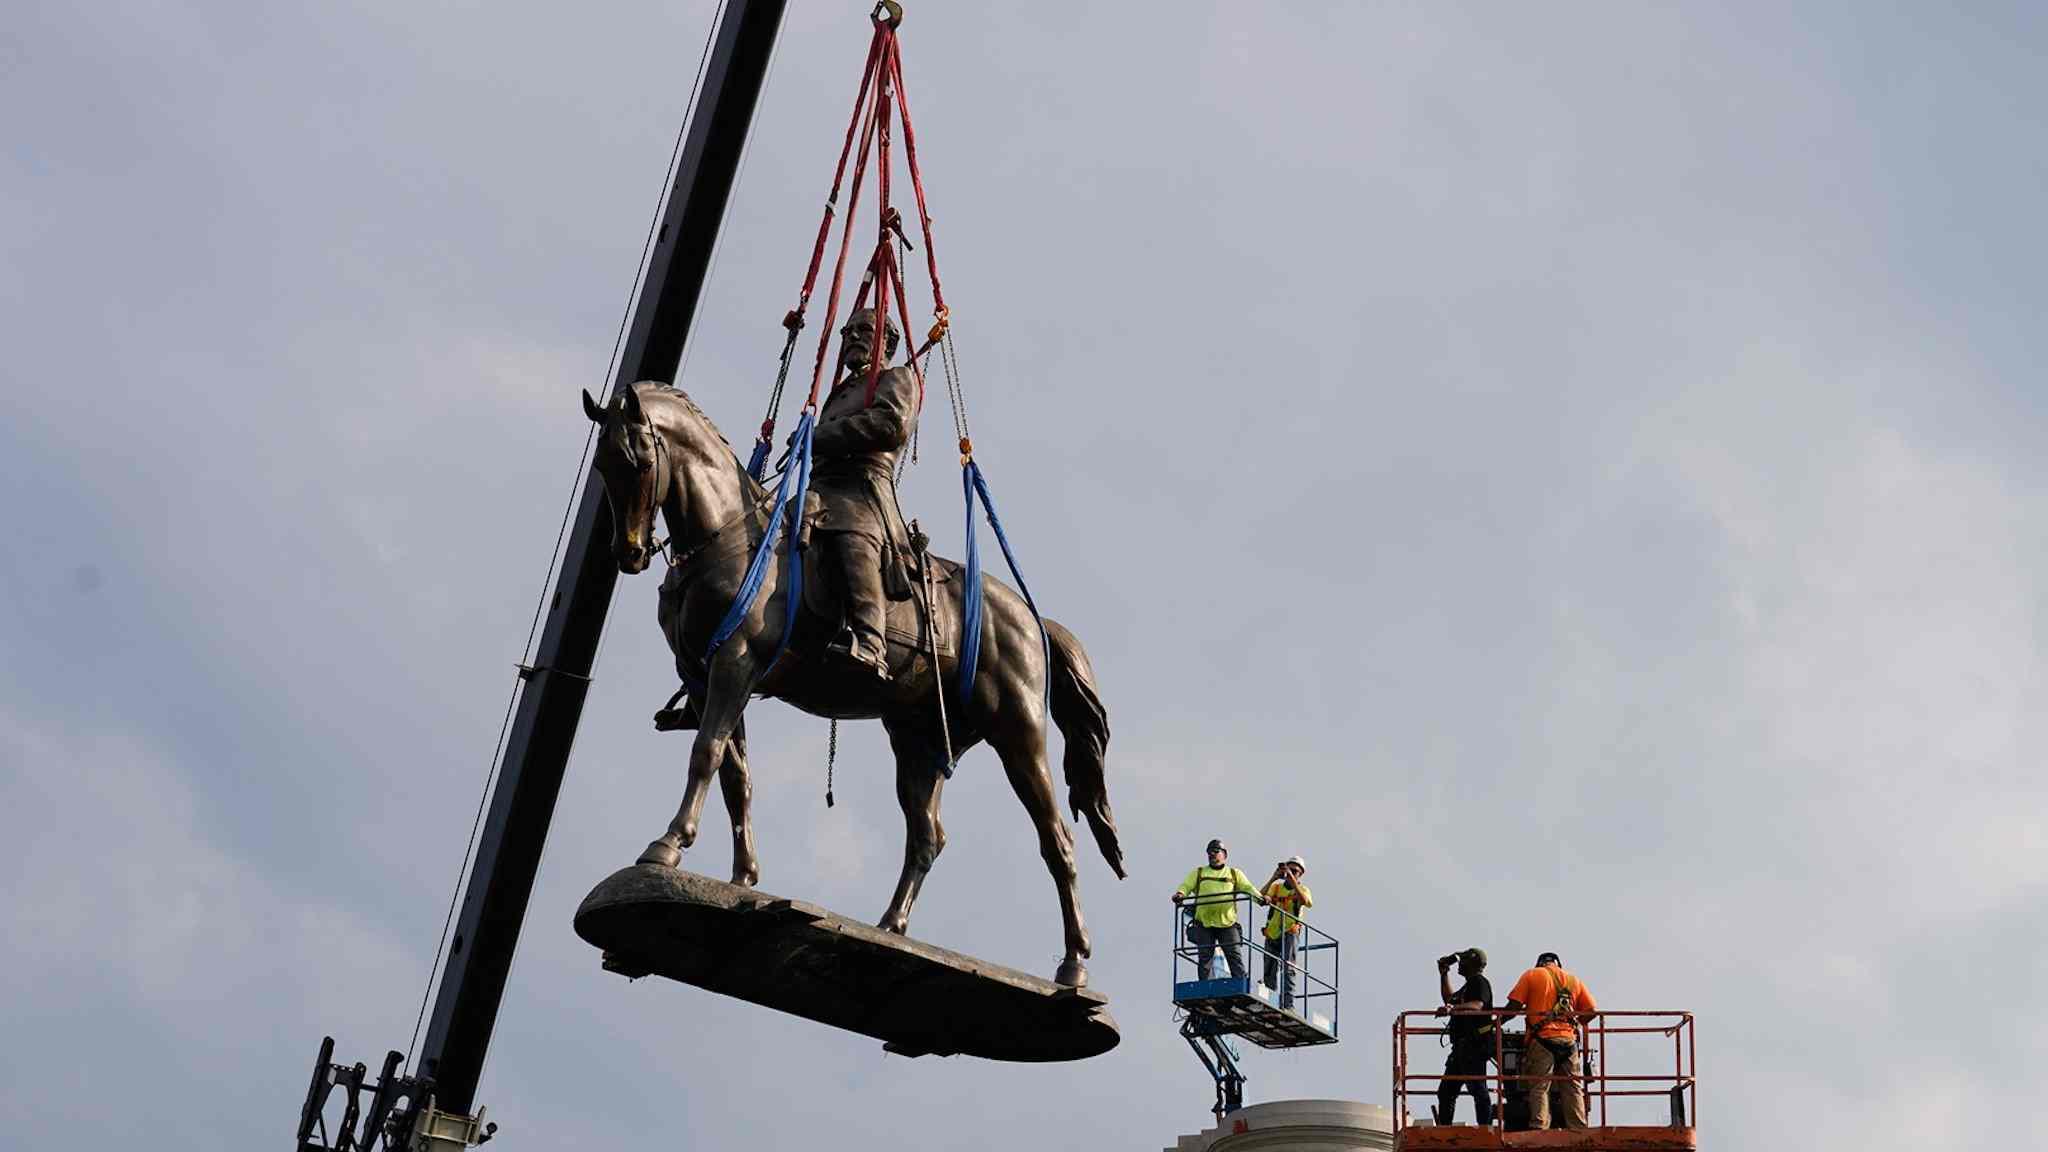 Retiraron la enorme estatua de Robert E Lee en Virginia